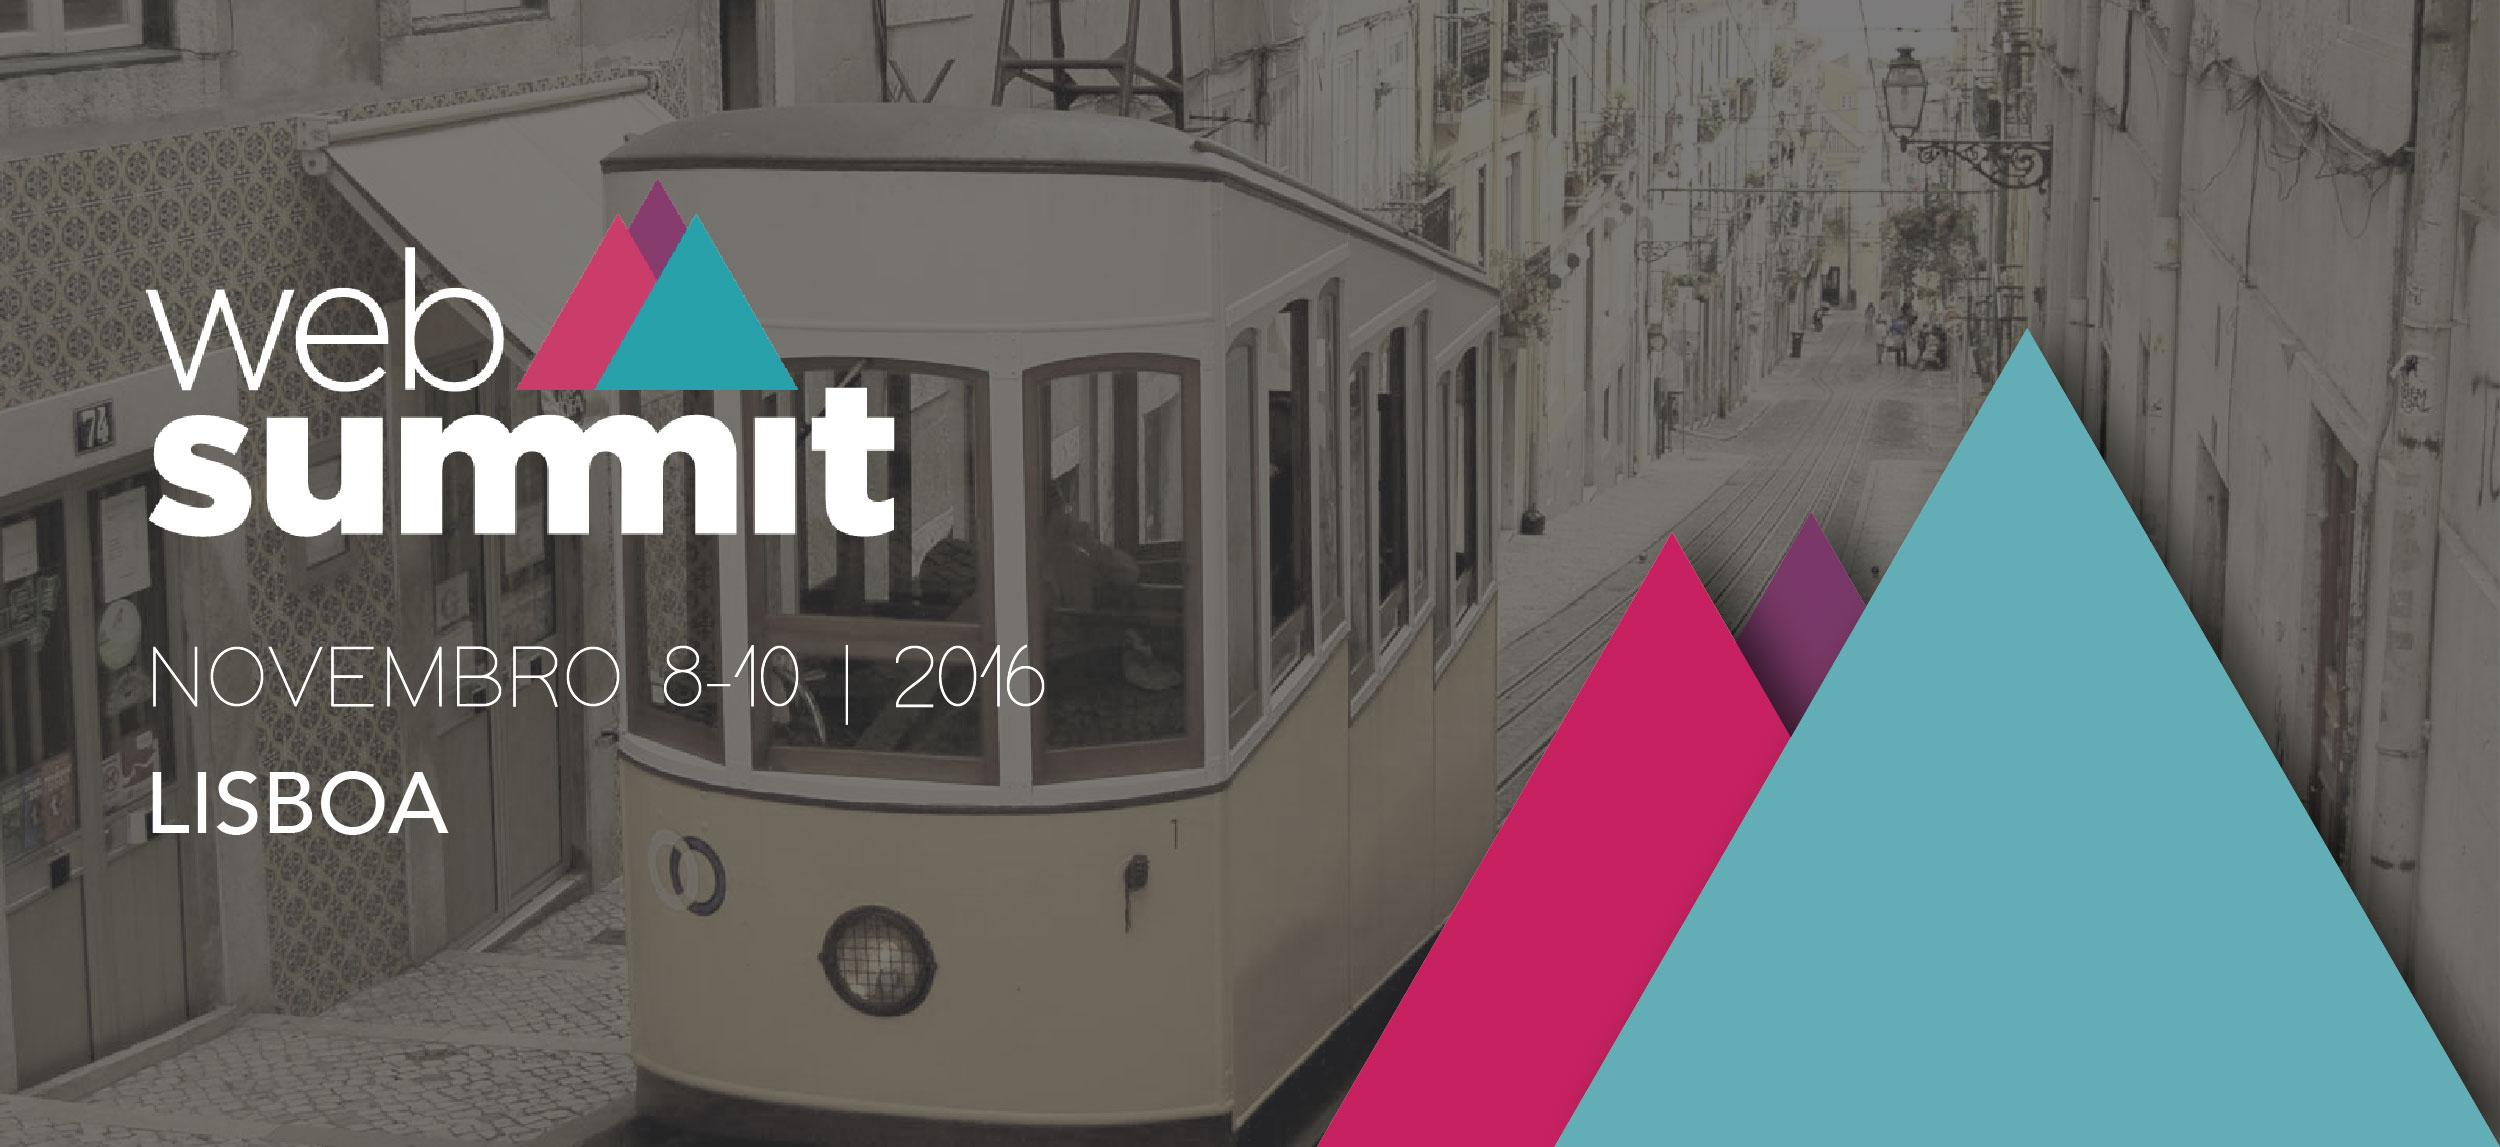 BC associa-se ao maior evento tecnológico do mundo - Web Summit